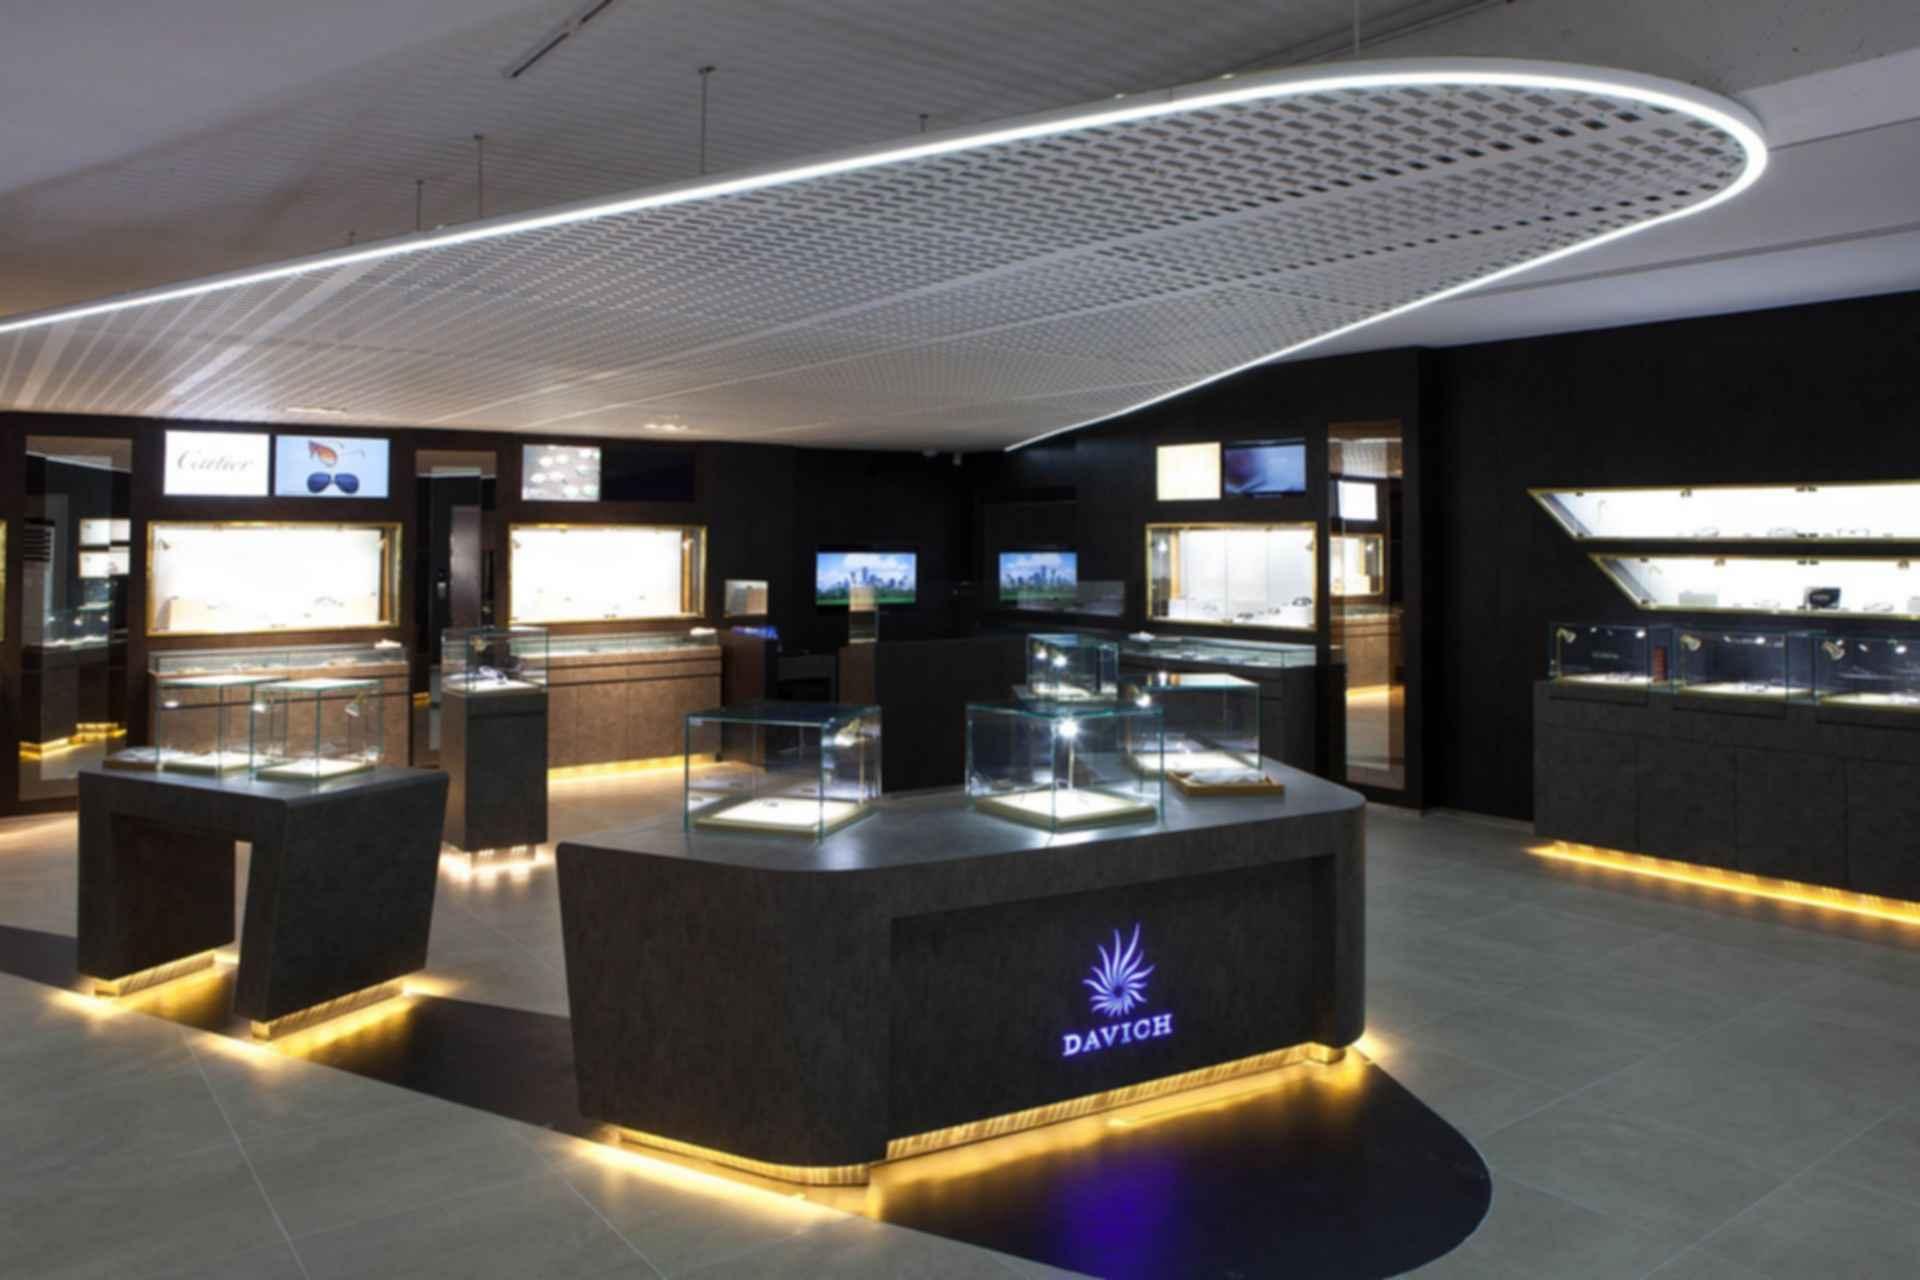 Davich Optical Chain - interior